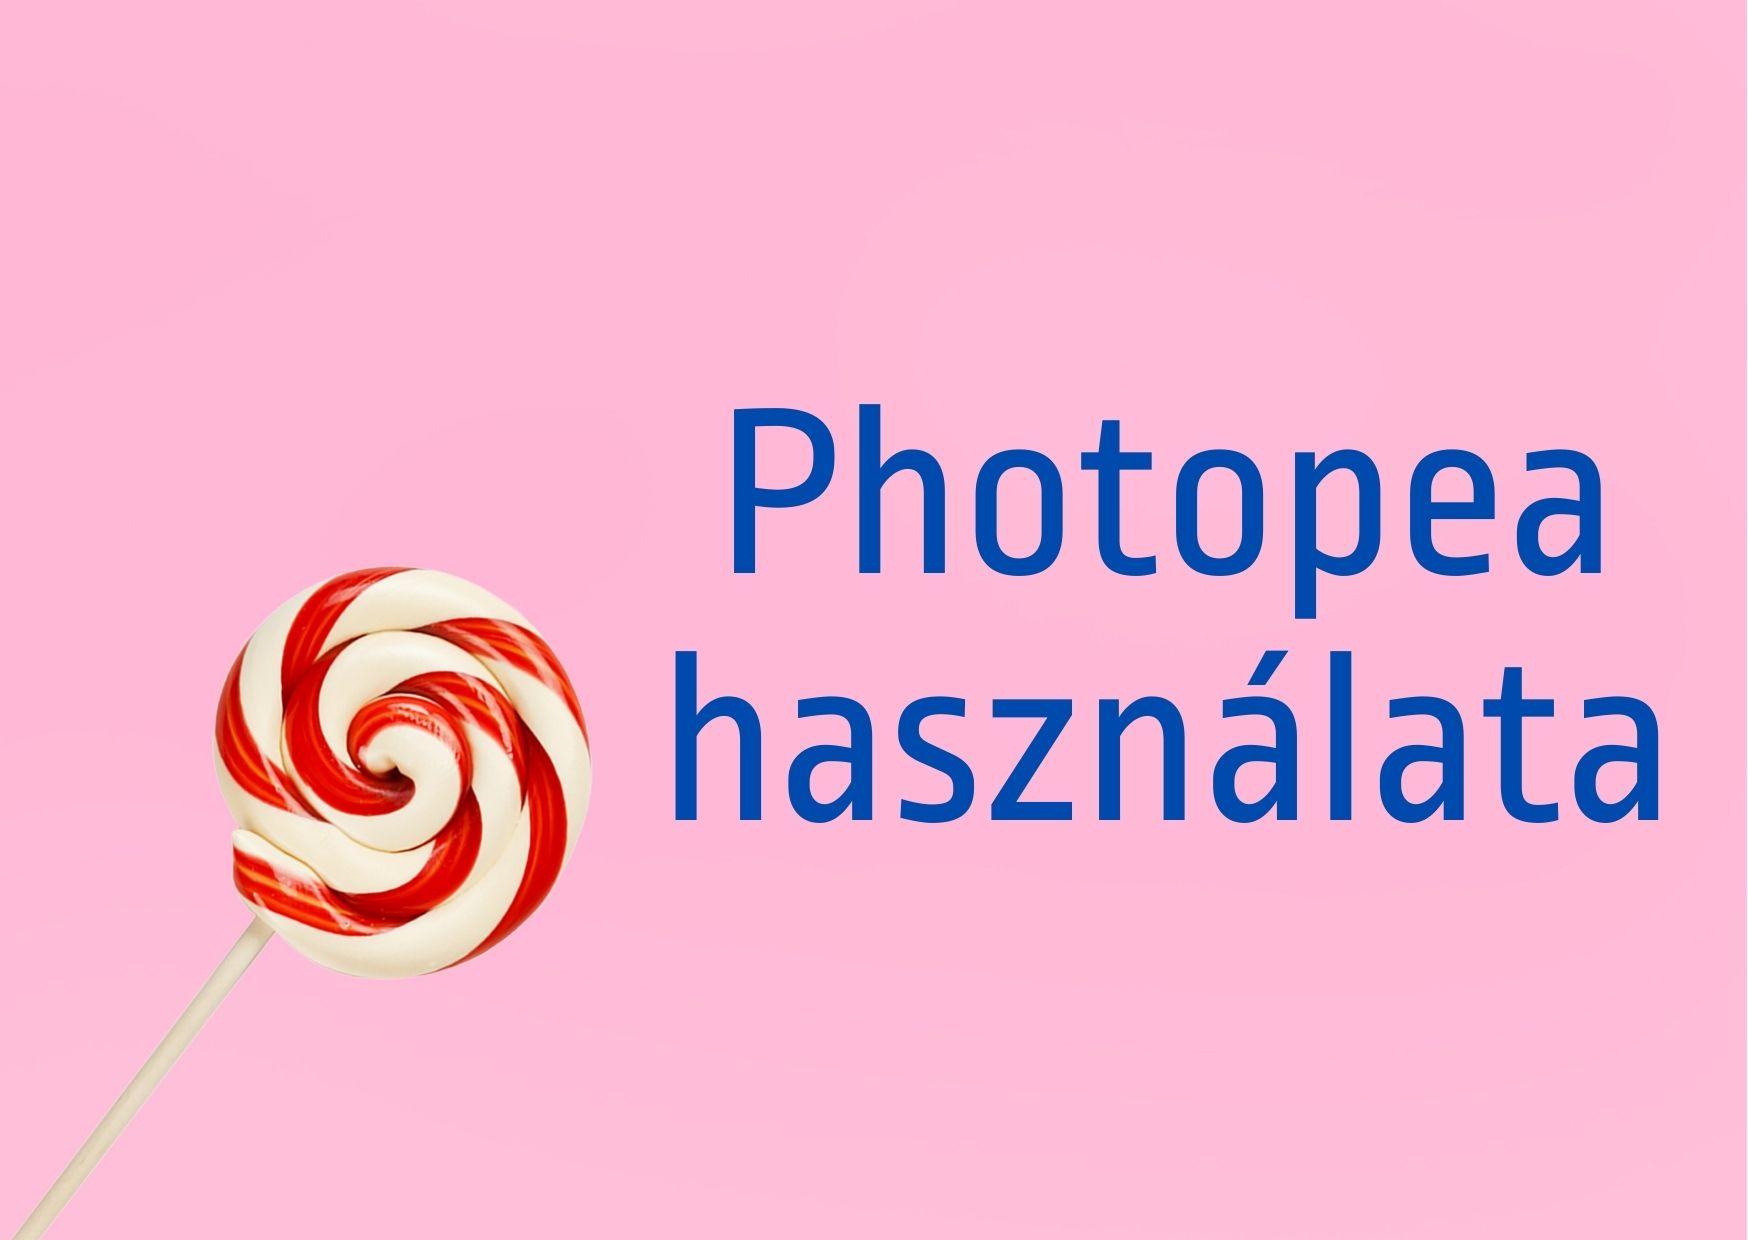 Photopea használata